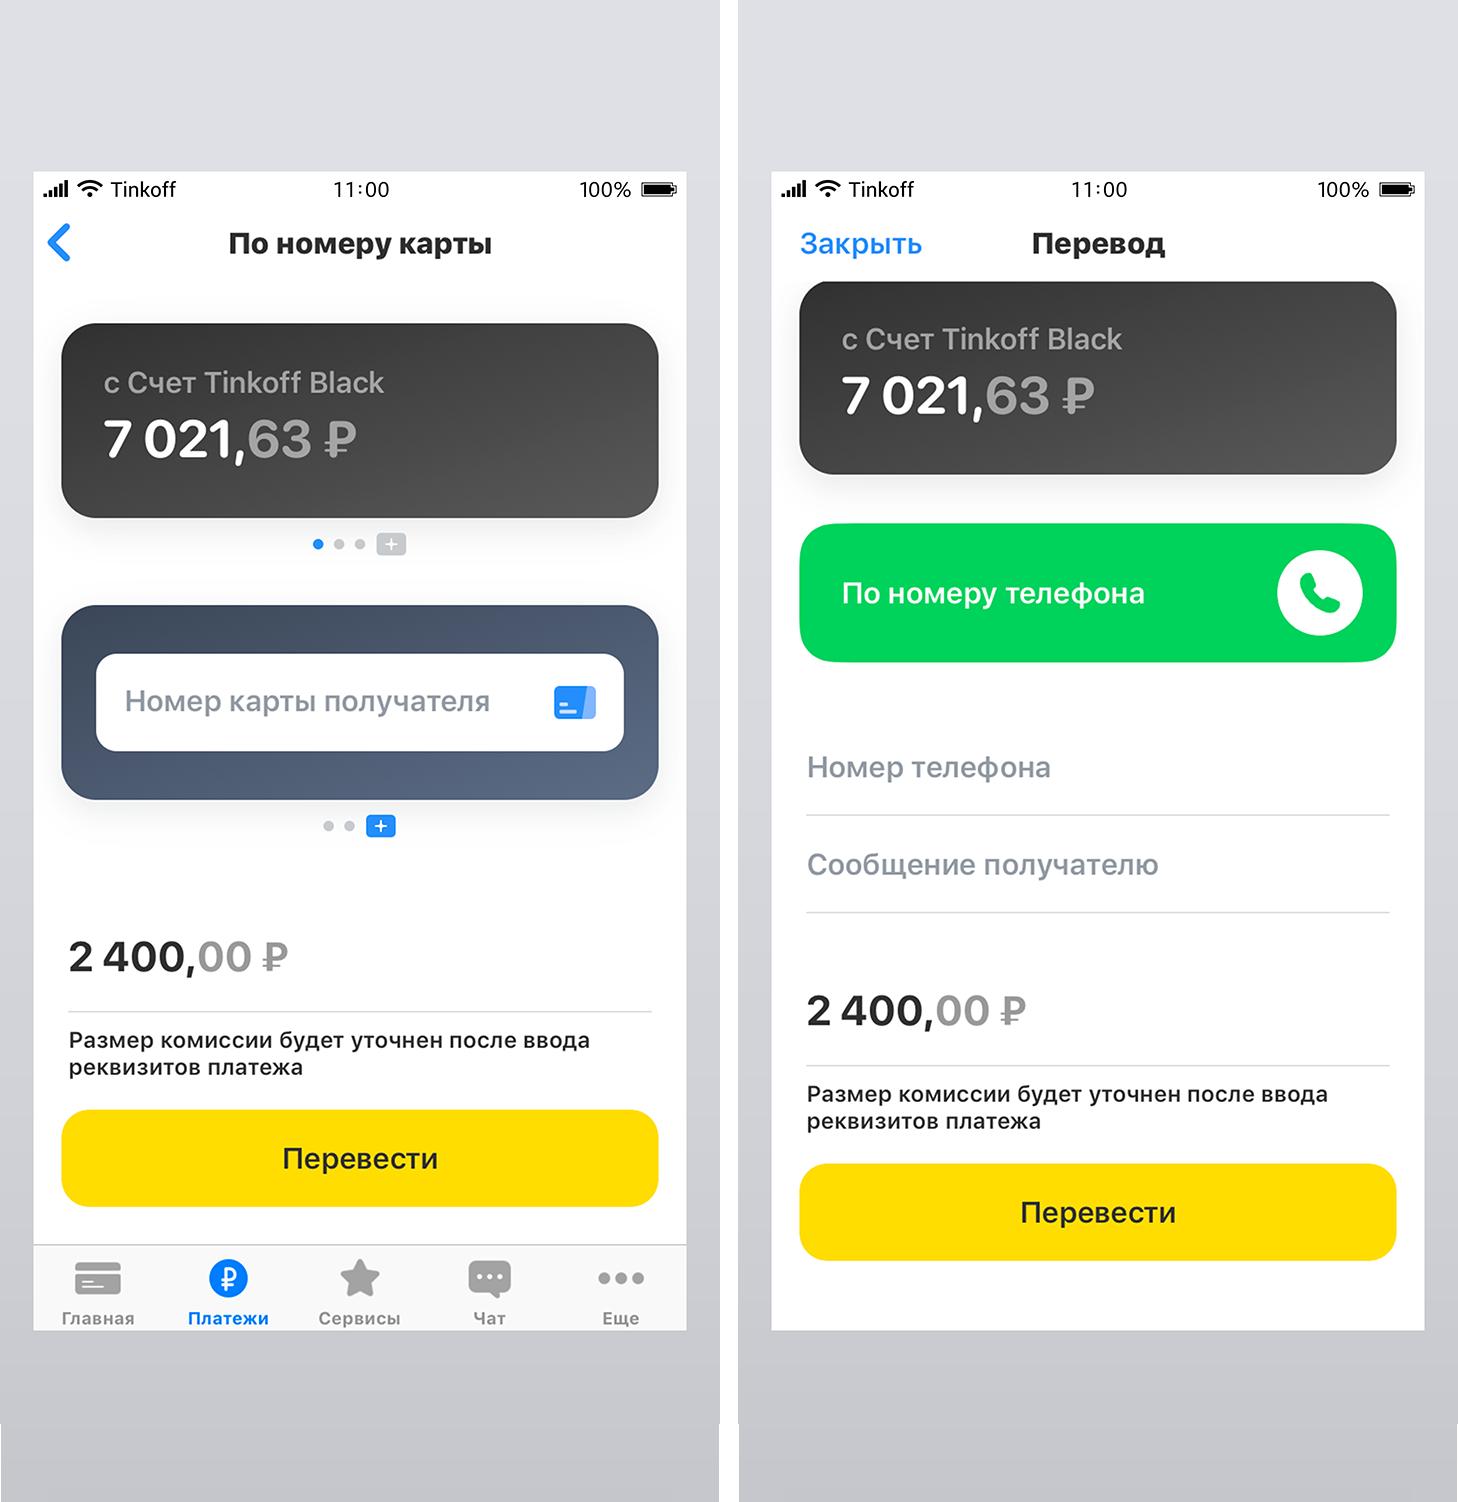 Платежи → По номеру телефона или По номеру карты